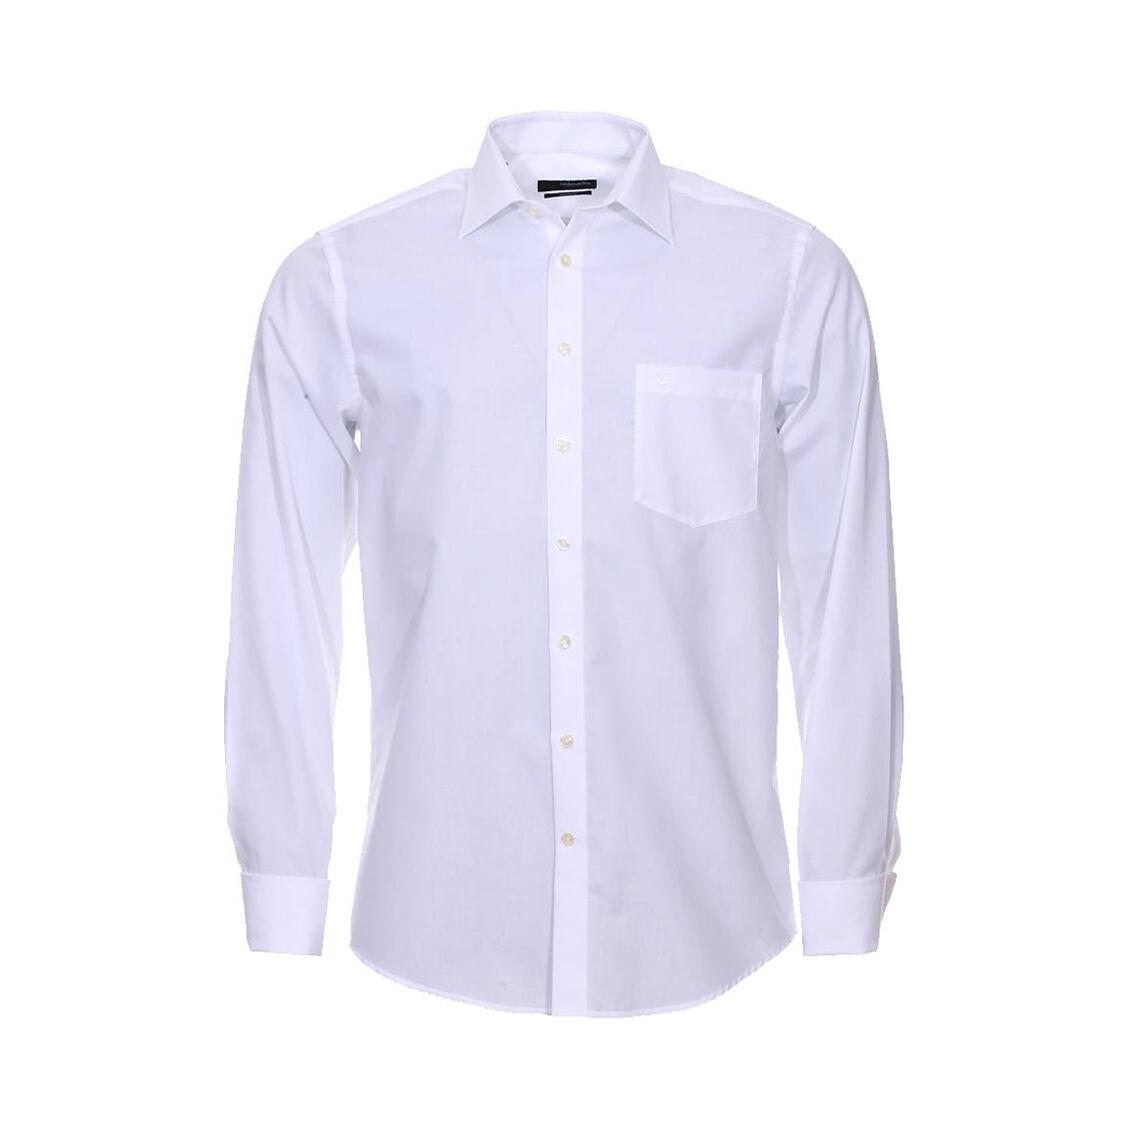 Seidensticker Chemise droite Seidensticker en coton blanc à poignets mousquetaires Sans repassage - BLANC - 40